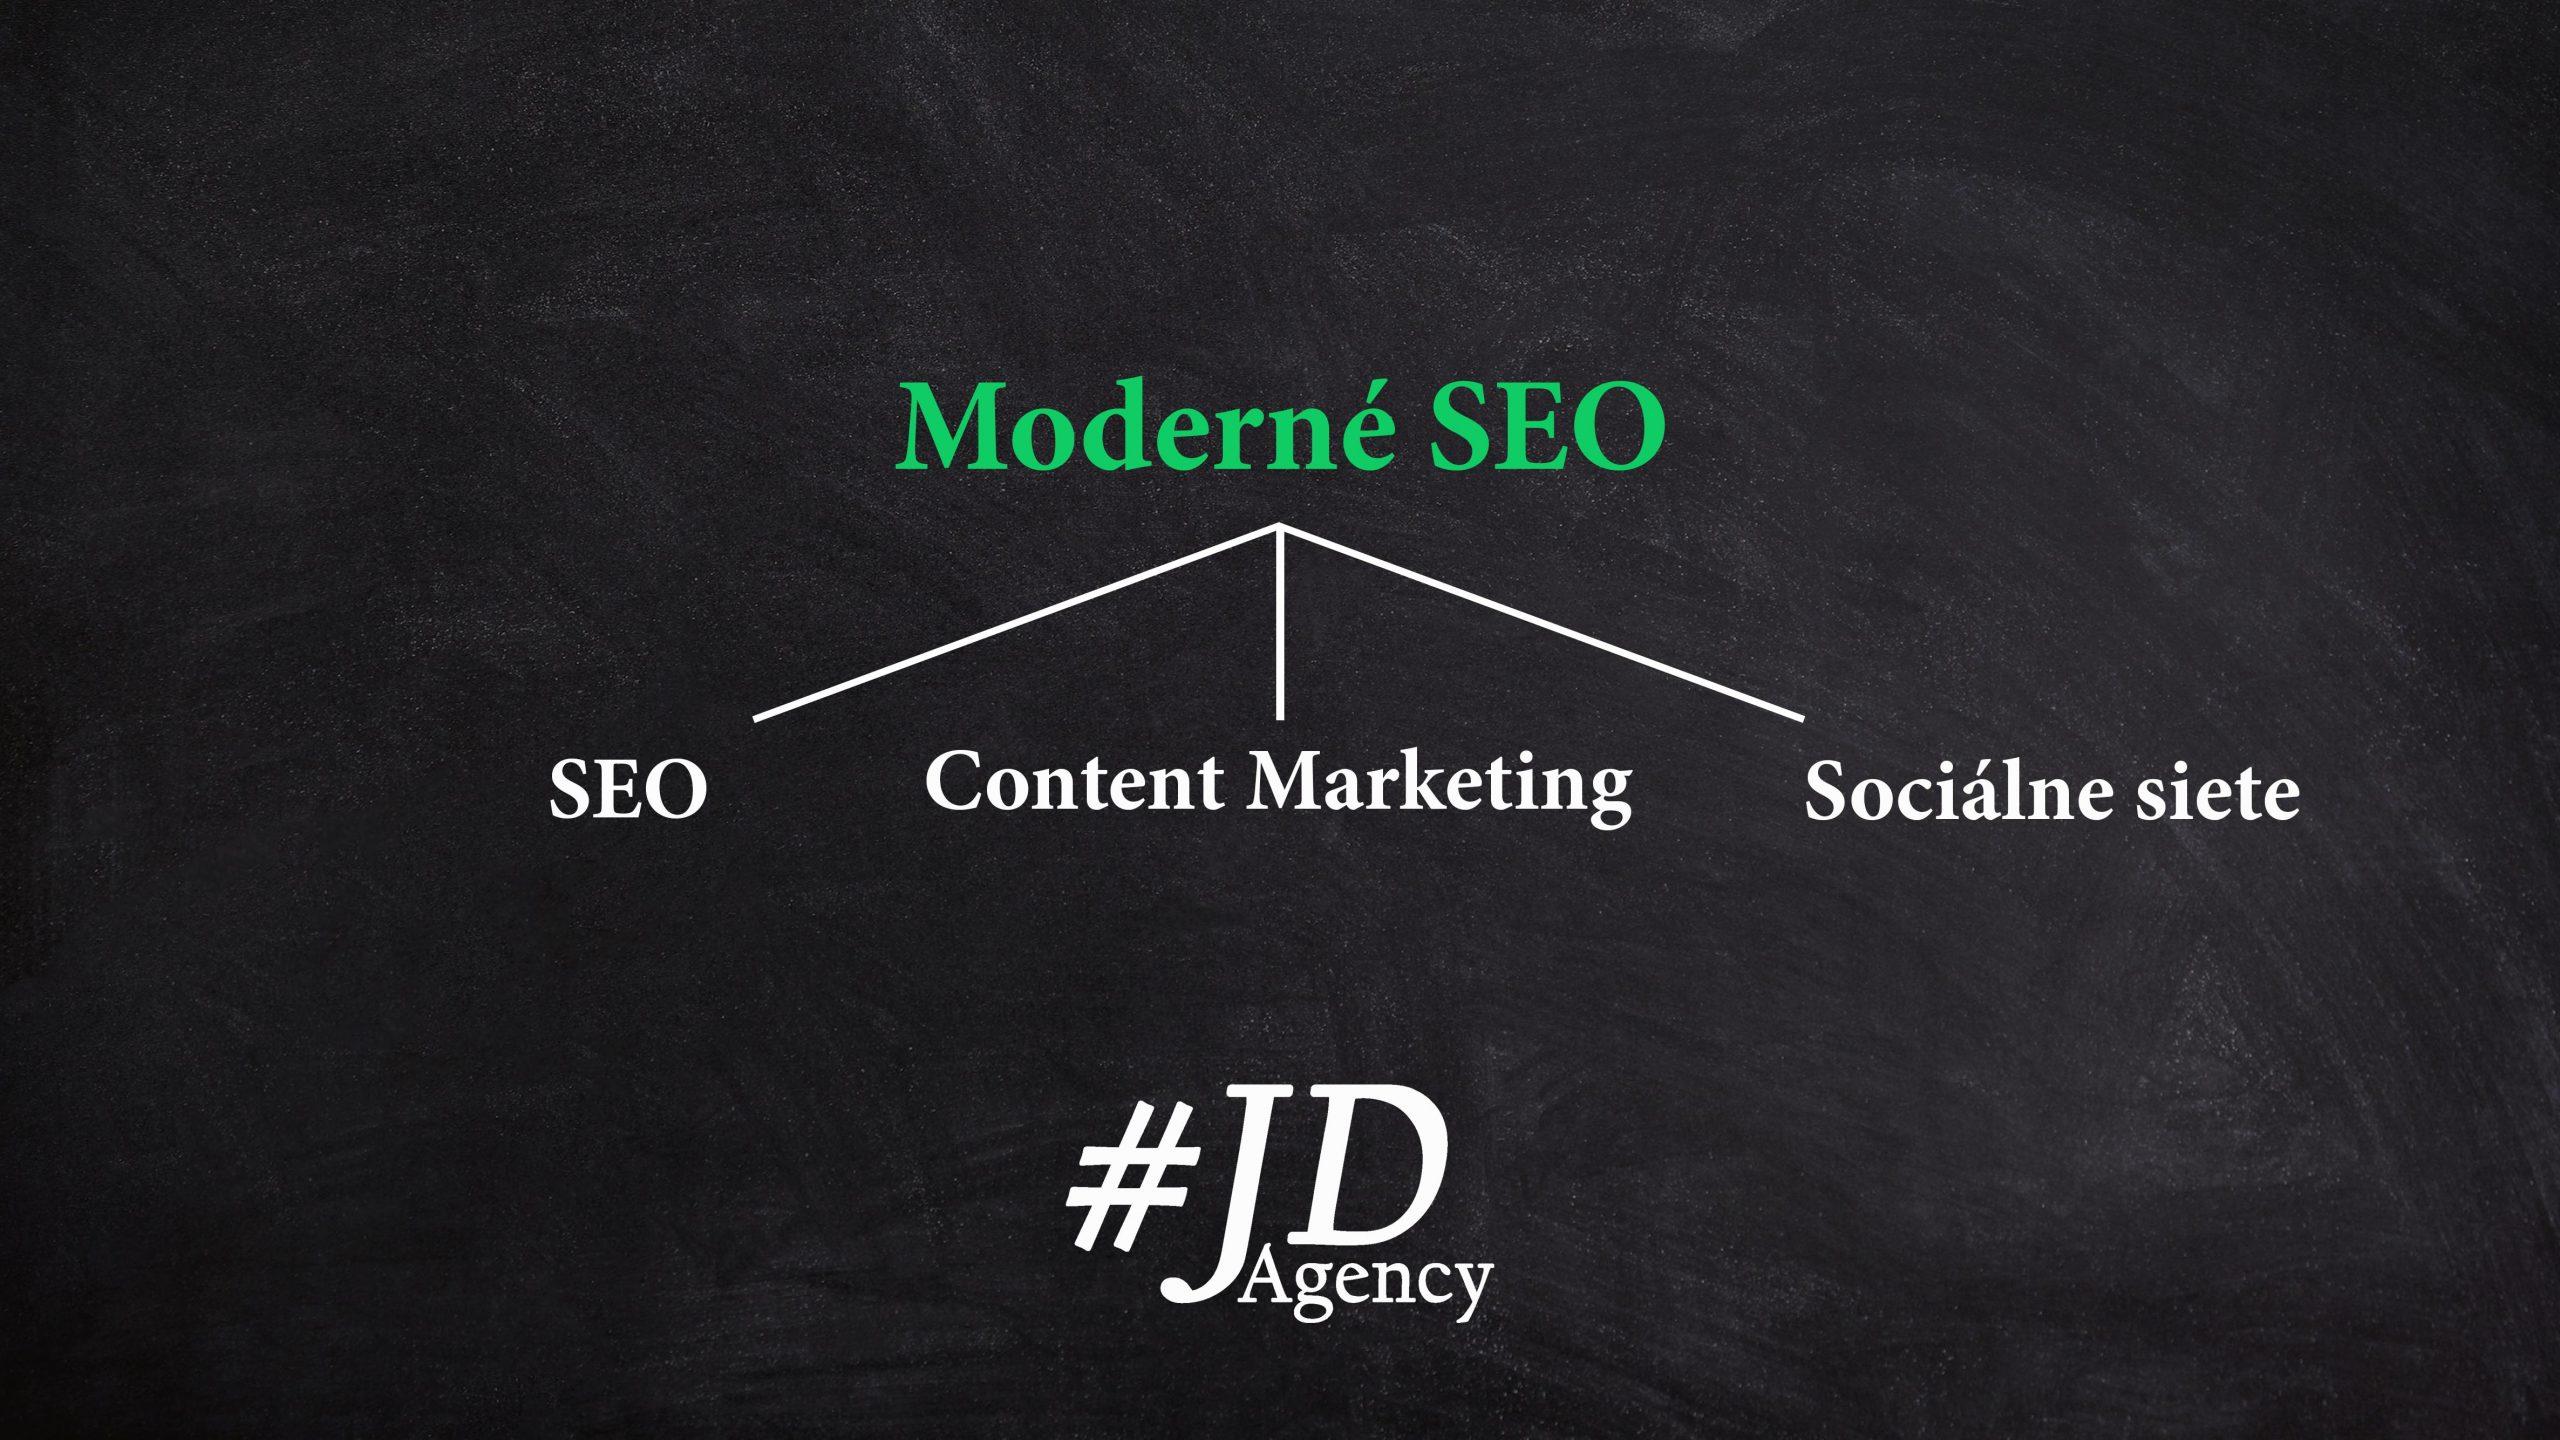 Moderné SEO JD Agency